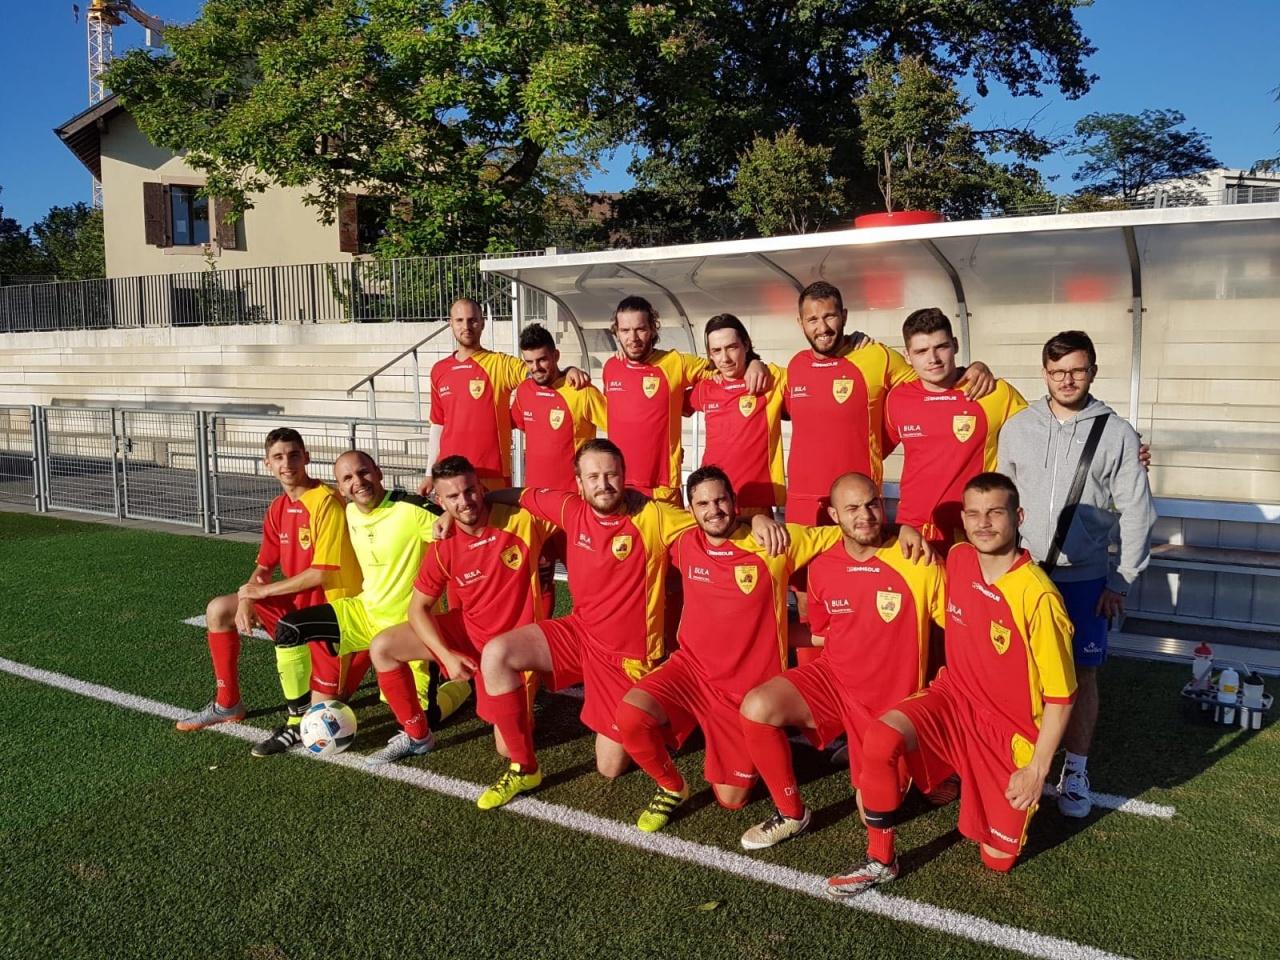 Lundi 25 juin 2018 Match de Coupe Défi (2) - FCGLP1970 - Procter & Gamble Europe 2 - 2 / victoire du FCGLP aux penalties 4-2